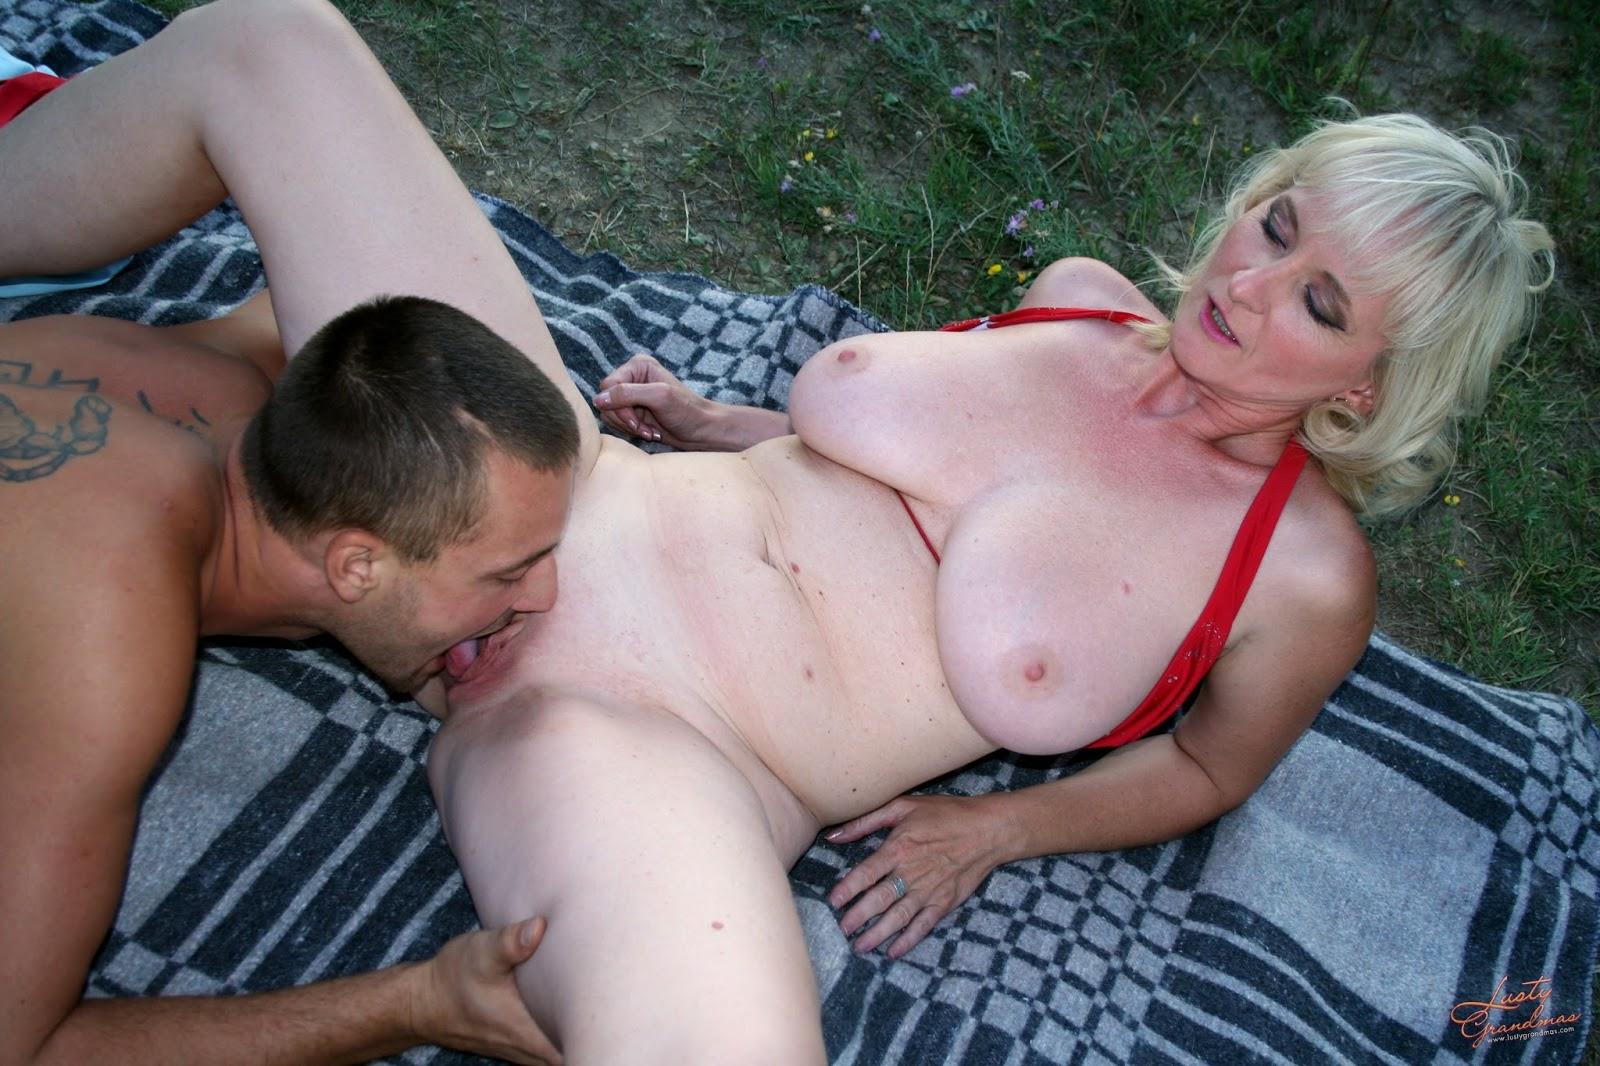 Mature women outdoors sex